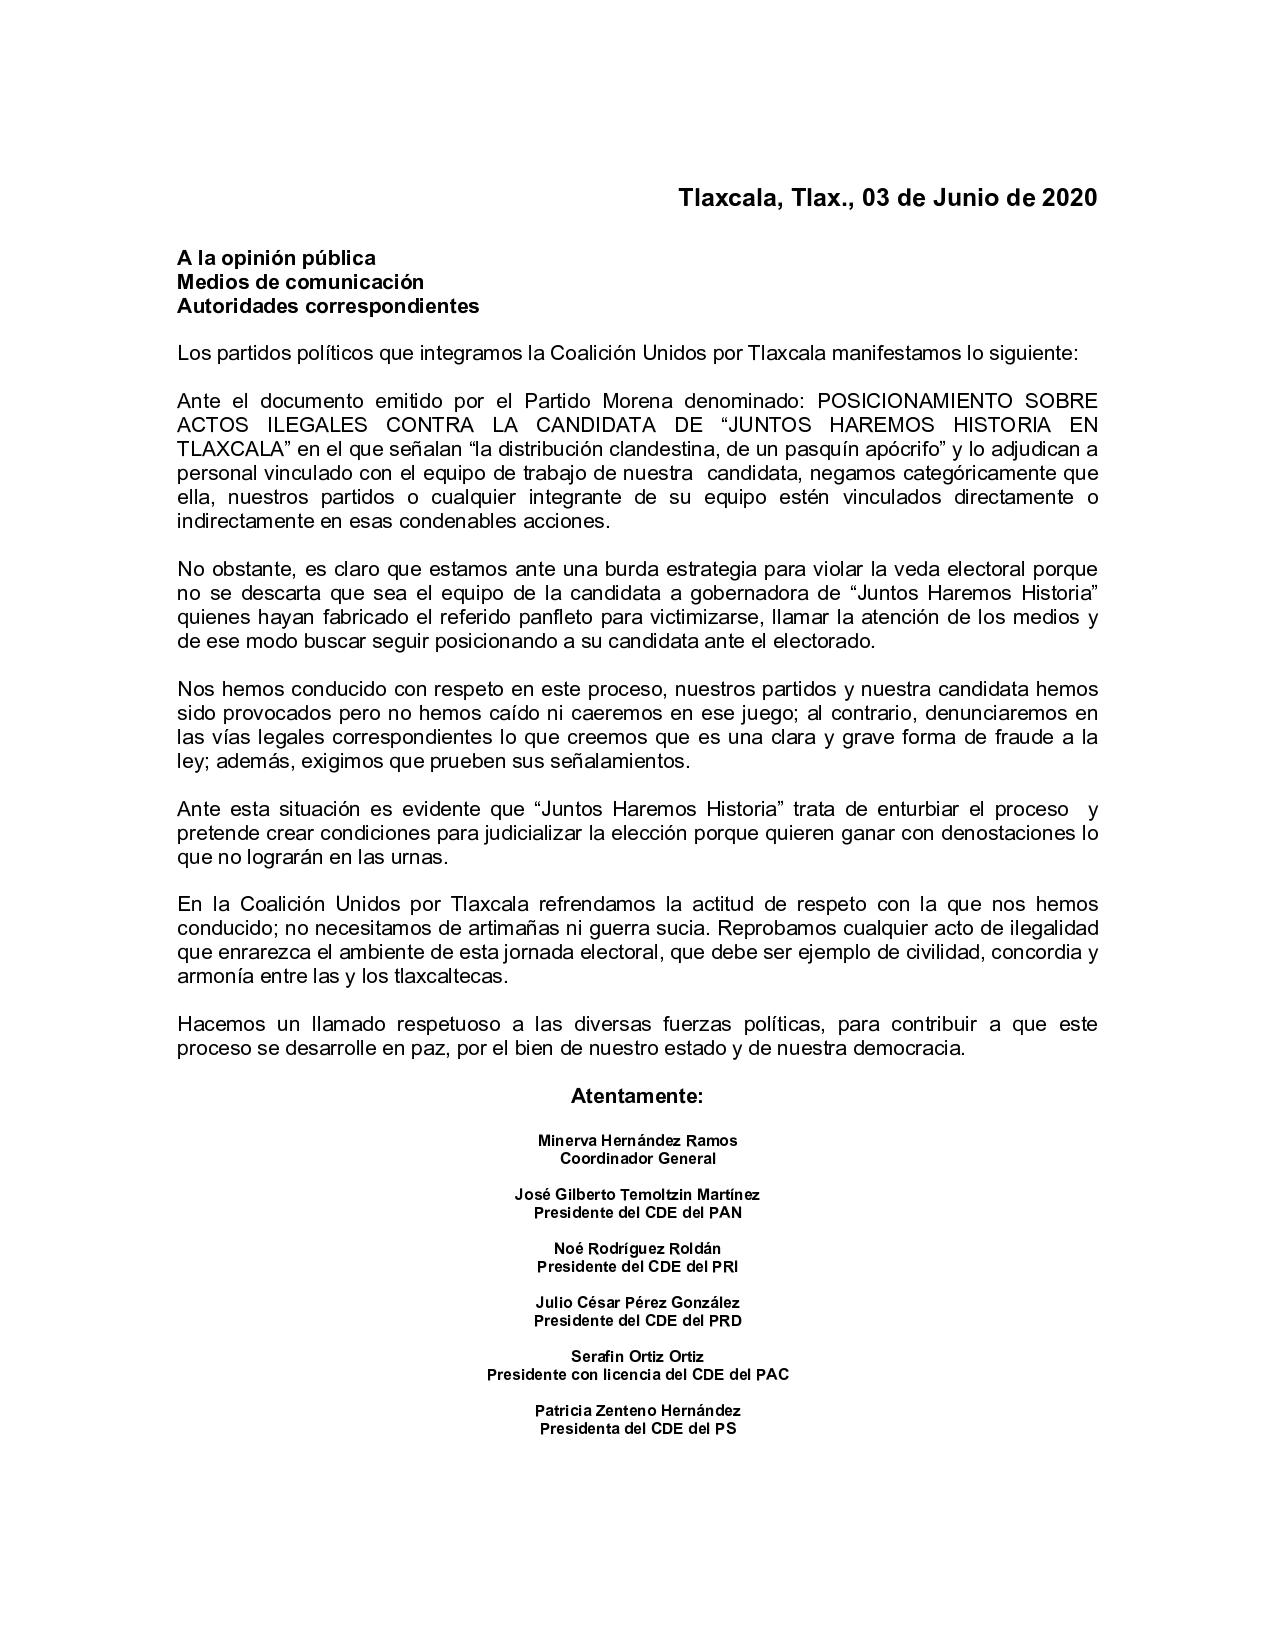 Equipo de campaña de Anabell Ávalos se deslinda de pasquín apócrifo